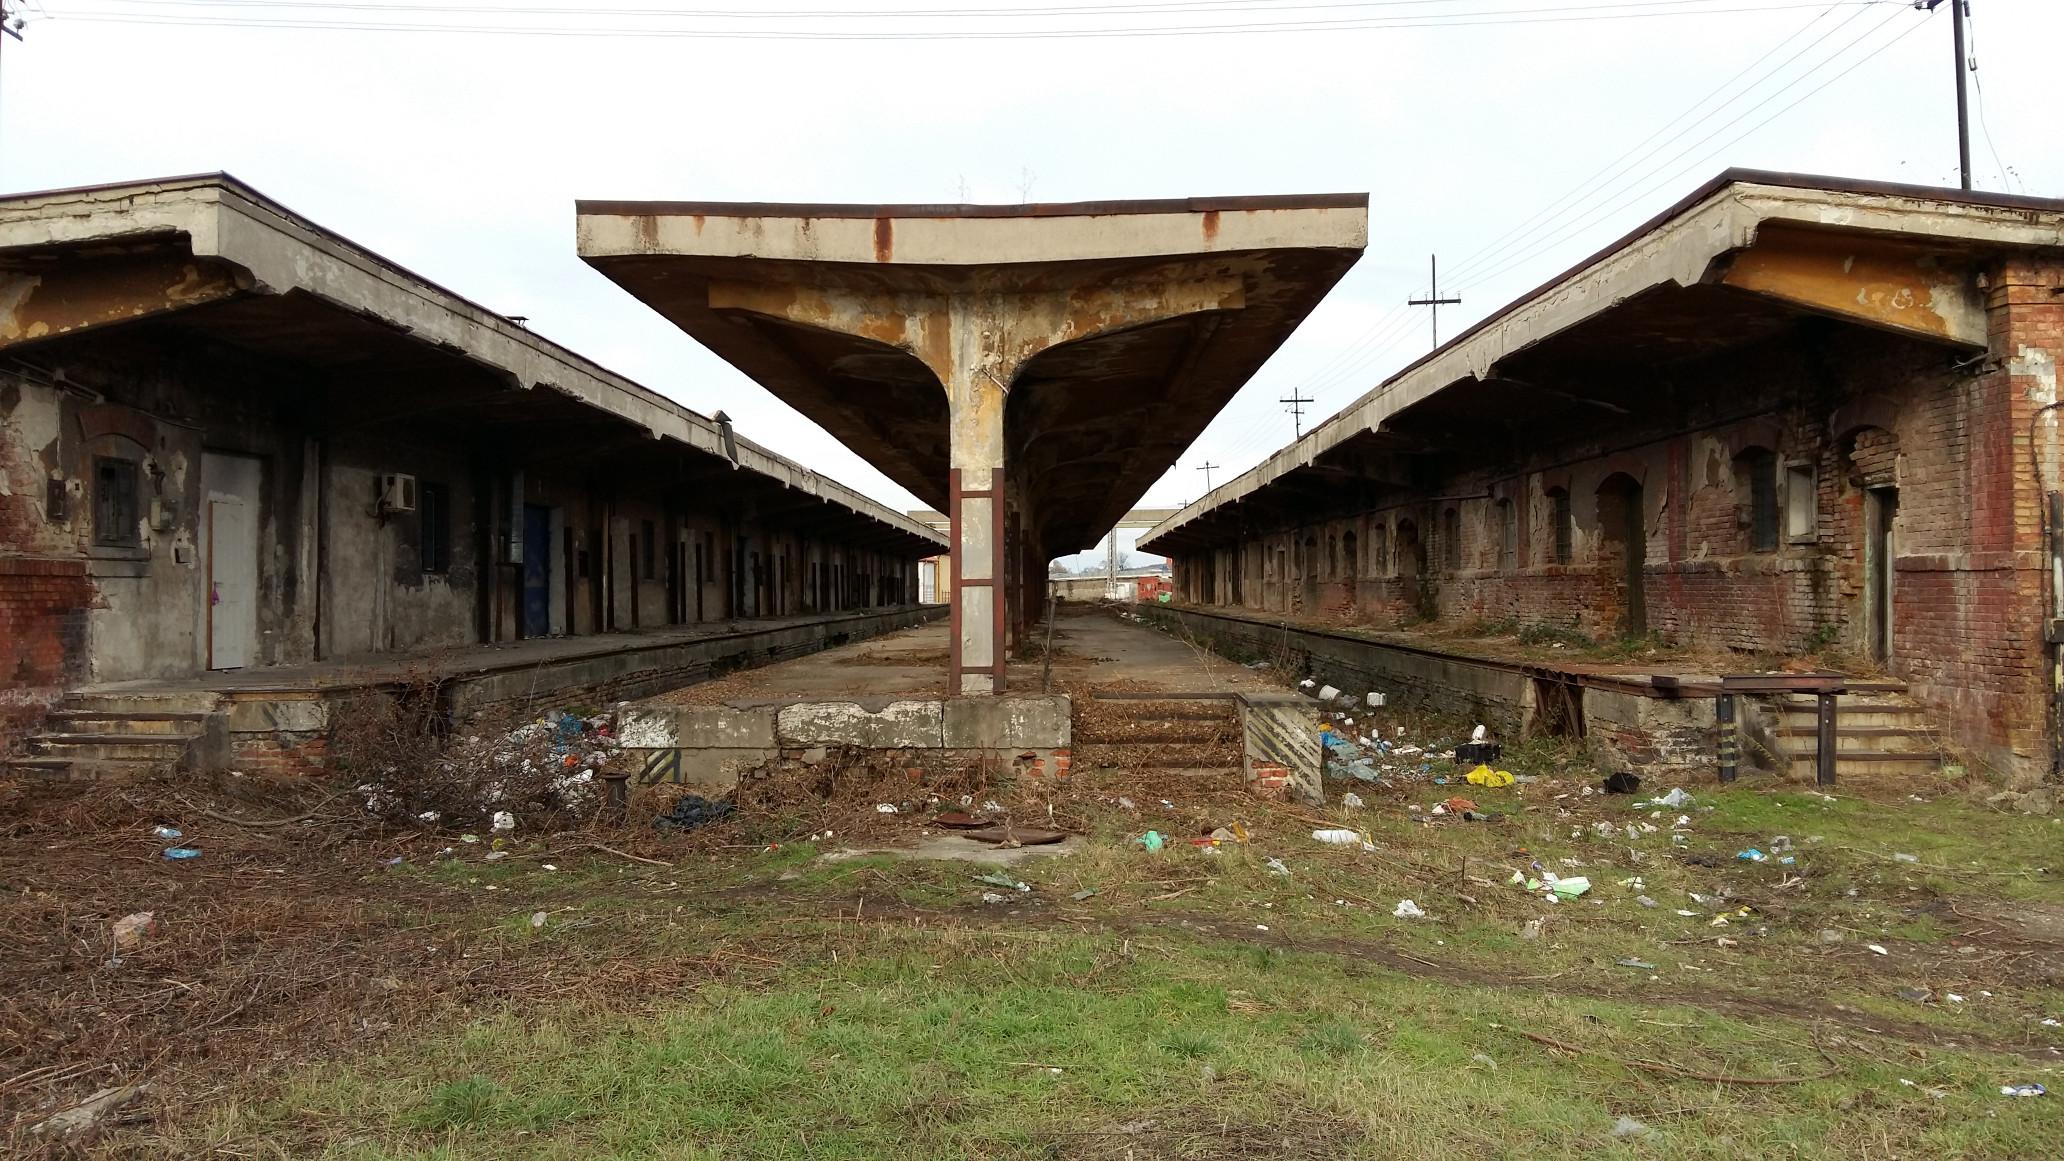 És így kerültem a volt vasúti vám épületeihez, ami a Magyarország és Románia közötti vasúti forgalomban szükséges vámolást látta el. Biharpüspökiben, azaz a határhoz közelebb is van egy vasúti vám, az most is működik. Jó lassan amúgy.